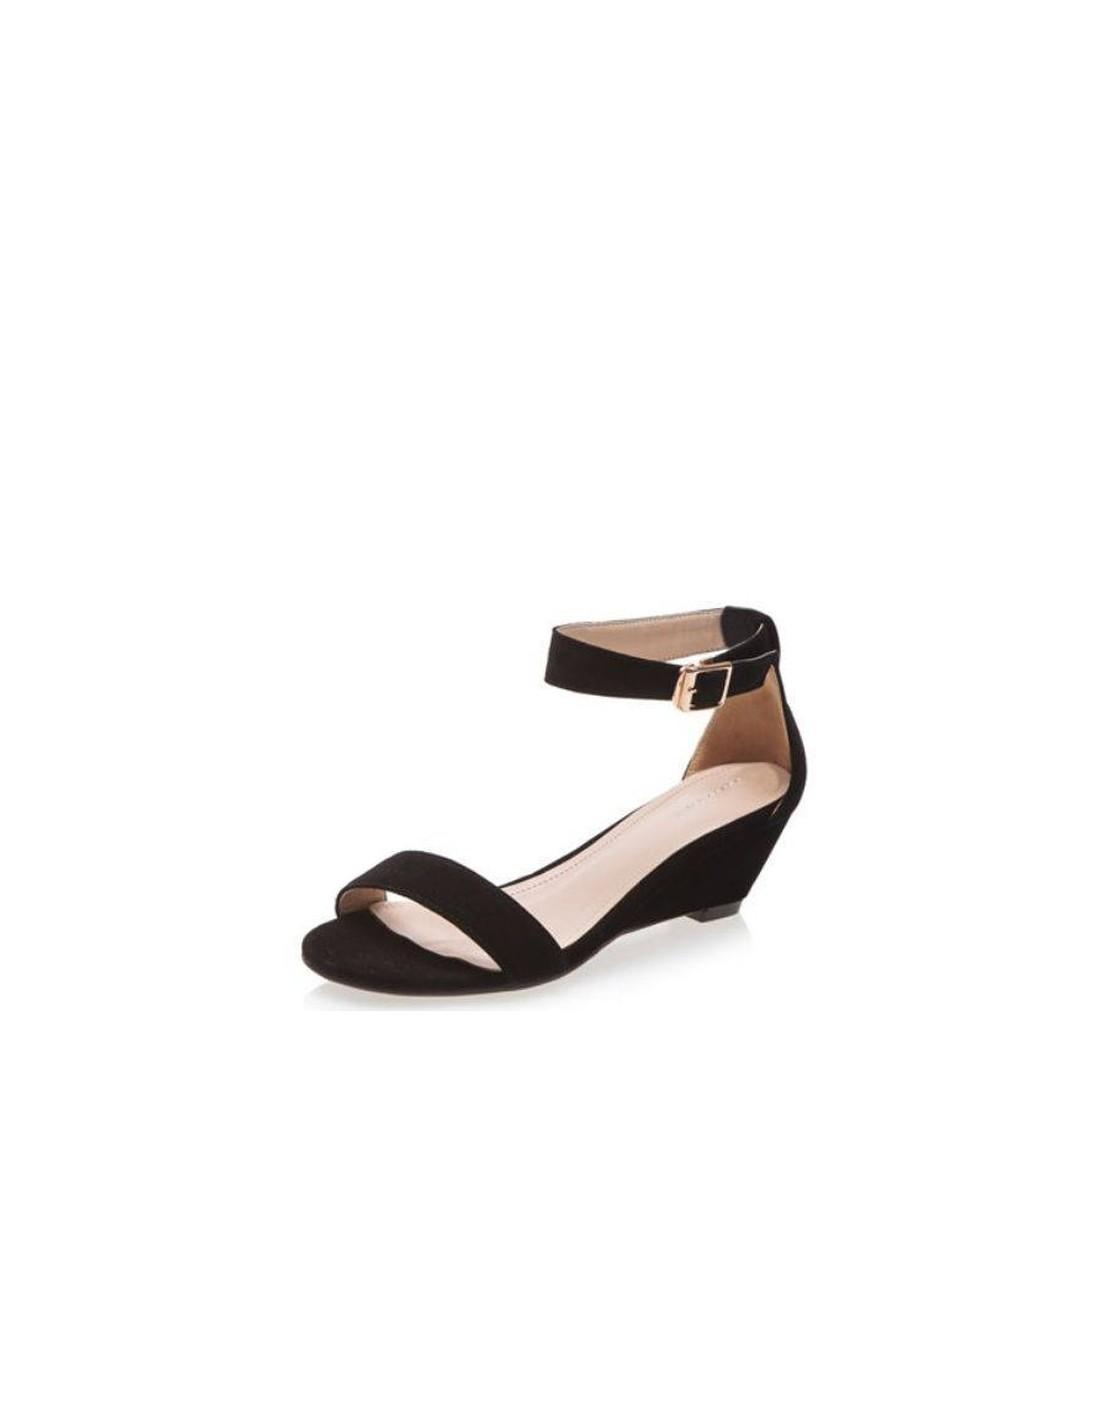 brand new great prices huge sale Sandales noires à petits talons compensés en petite pointure femme